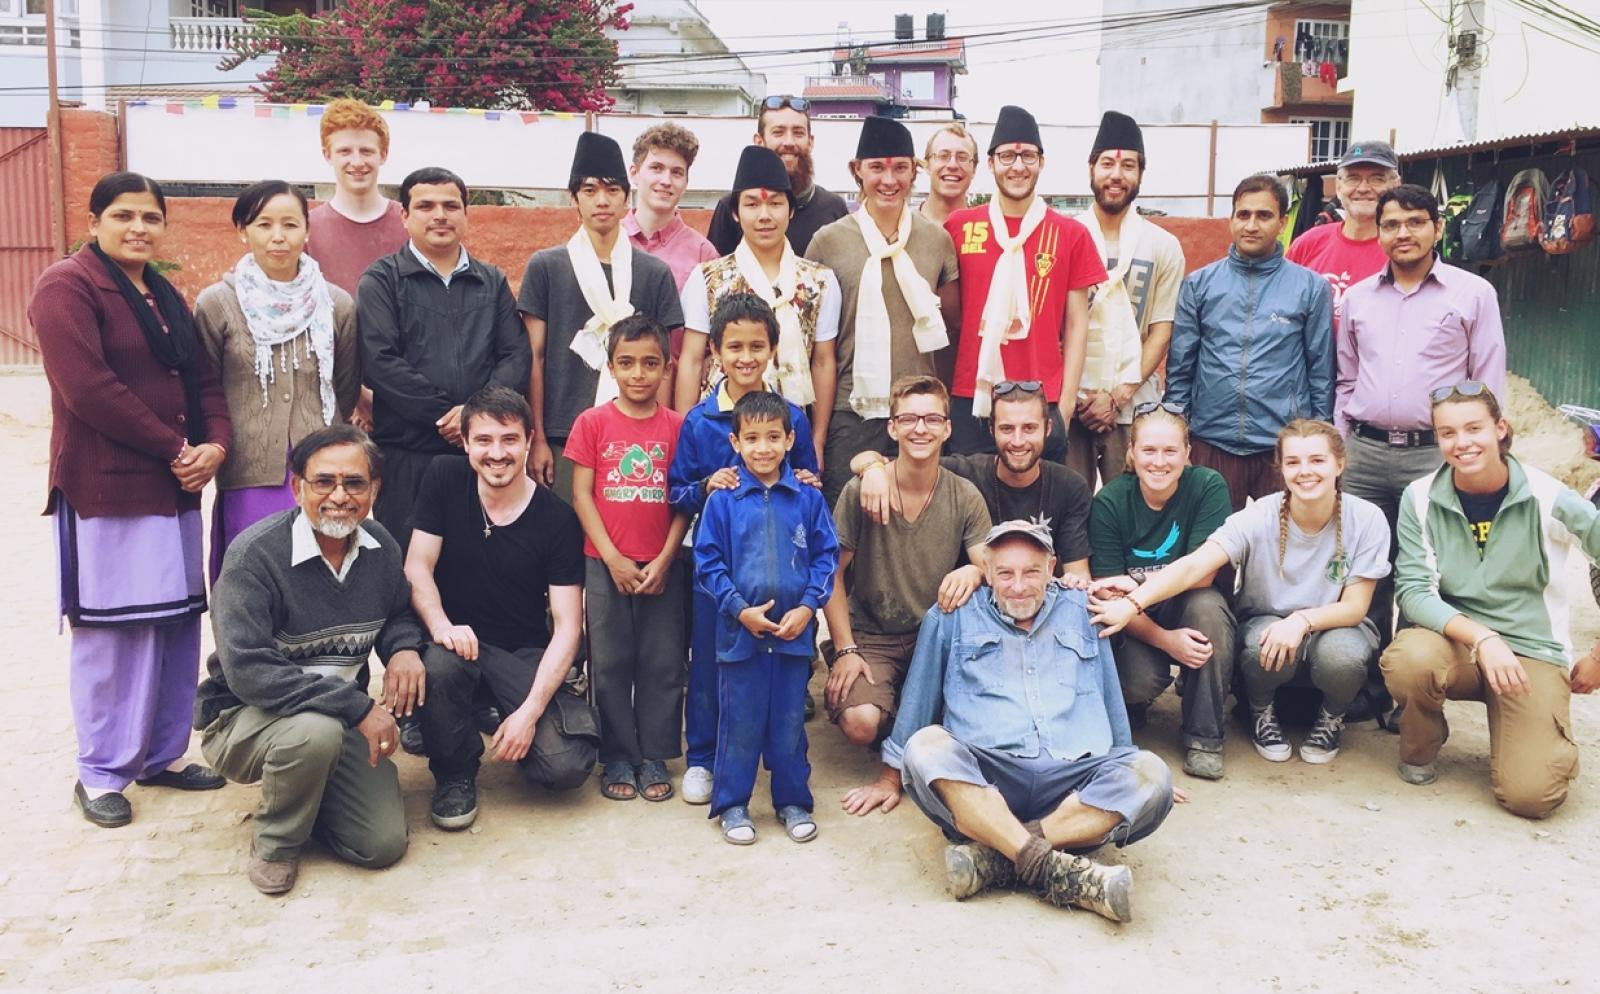 ネパールで建築ボランティア中の遠藤裕介さんと仲間たち